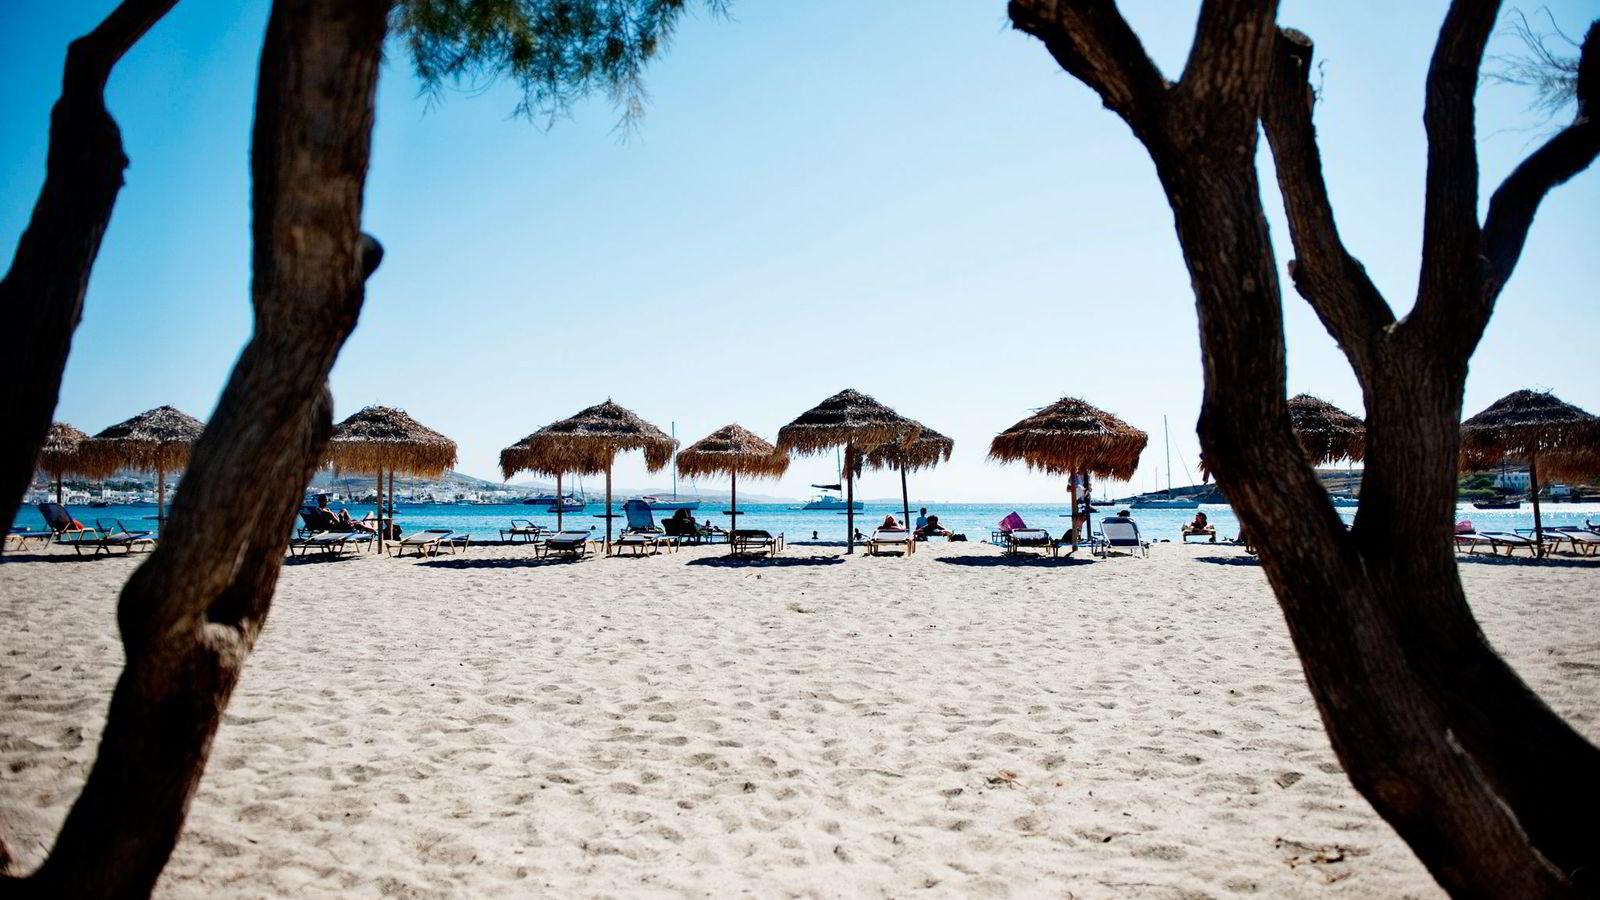 LÅNTE PENGER. Særlig unge menn planlegger ferie på kreditt. Her fra Paros i Hellas.